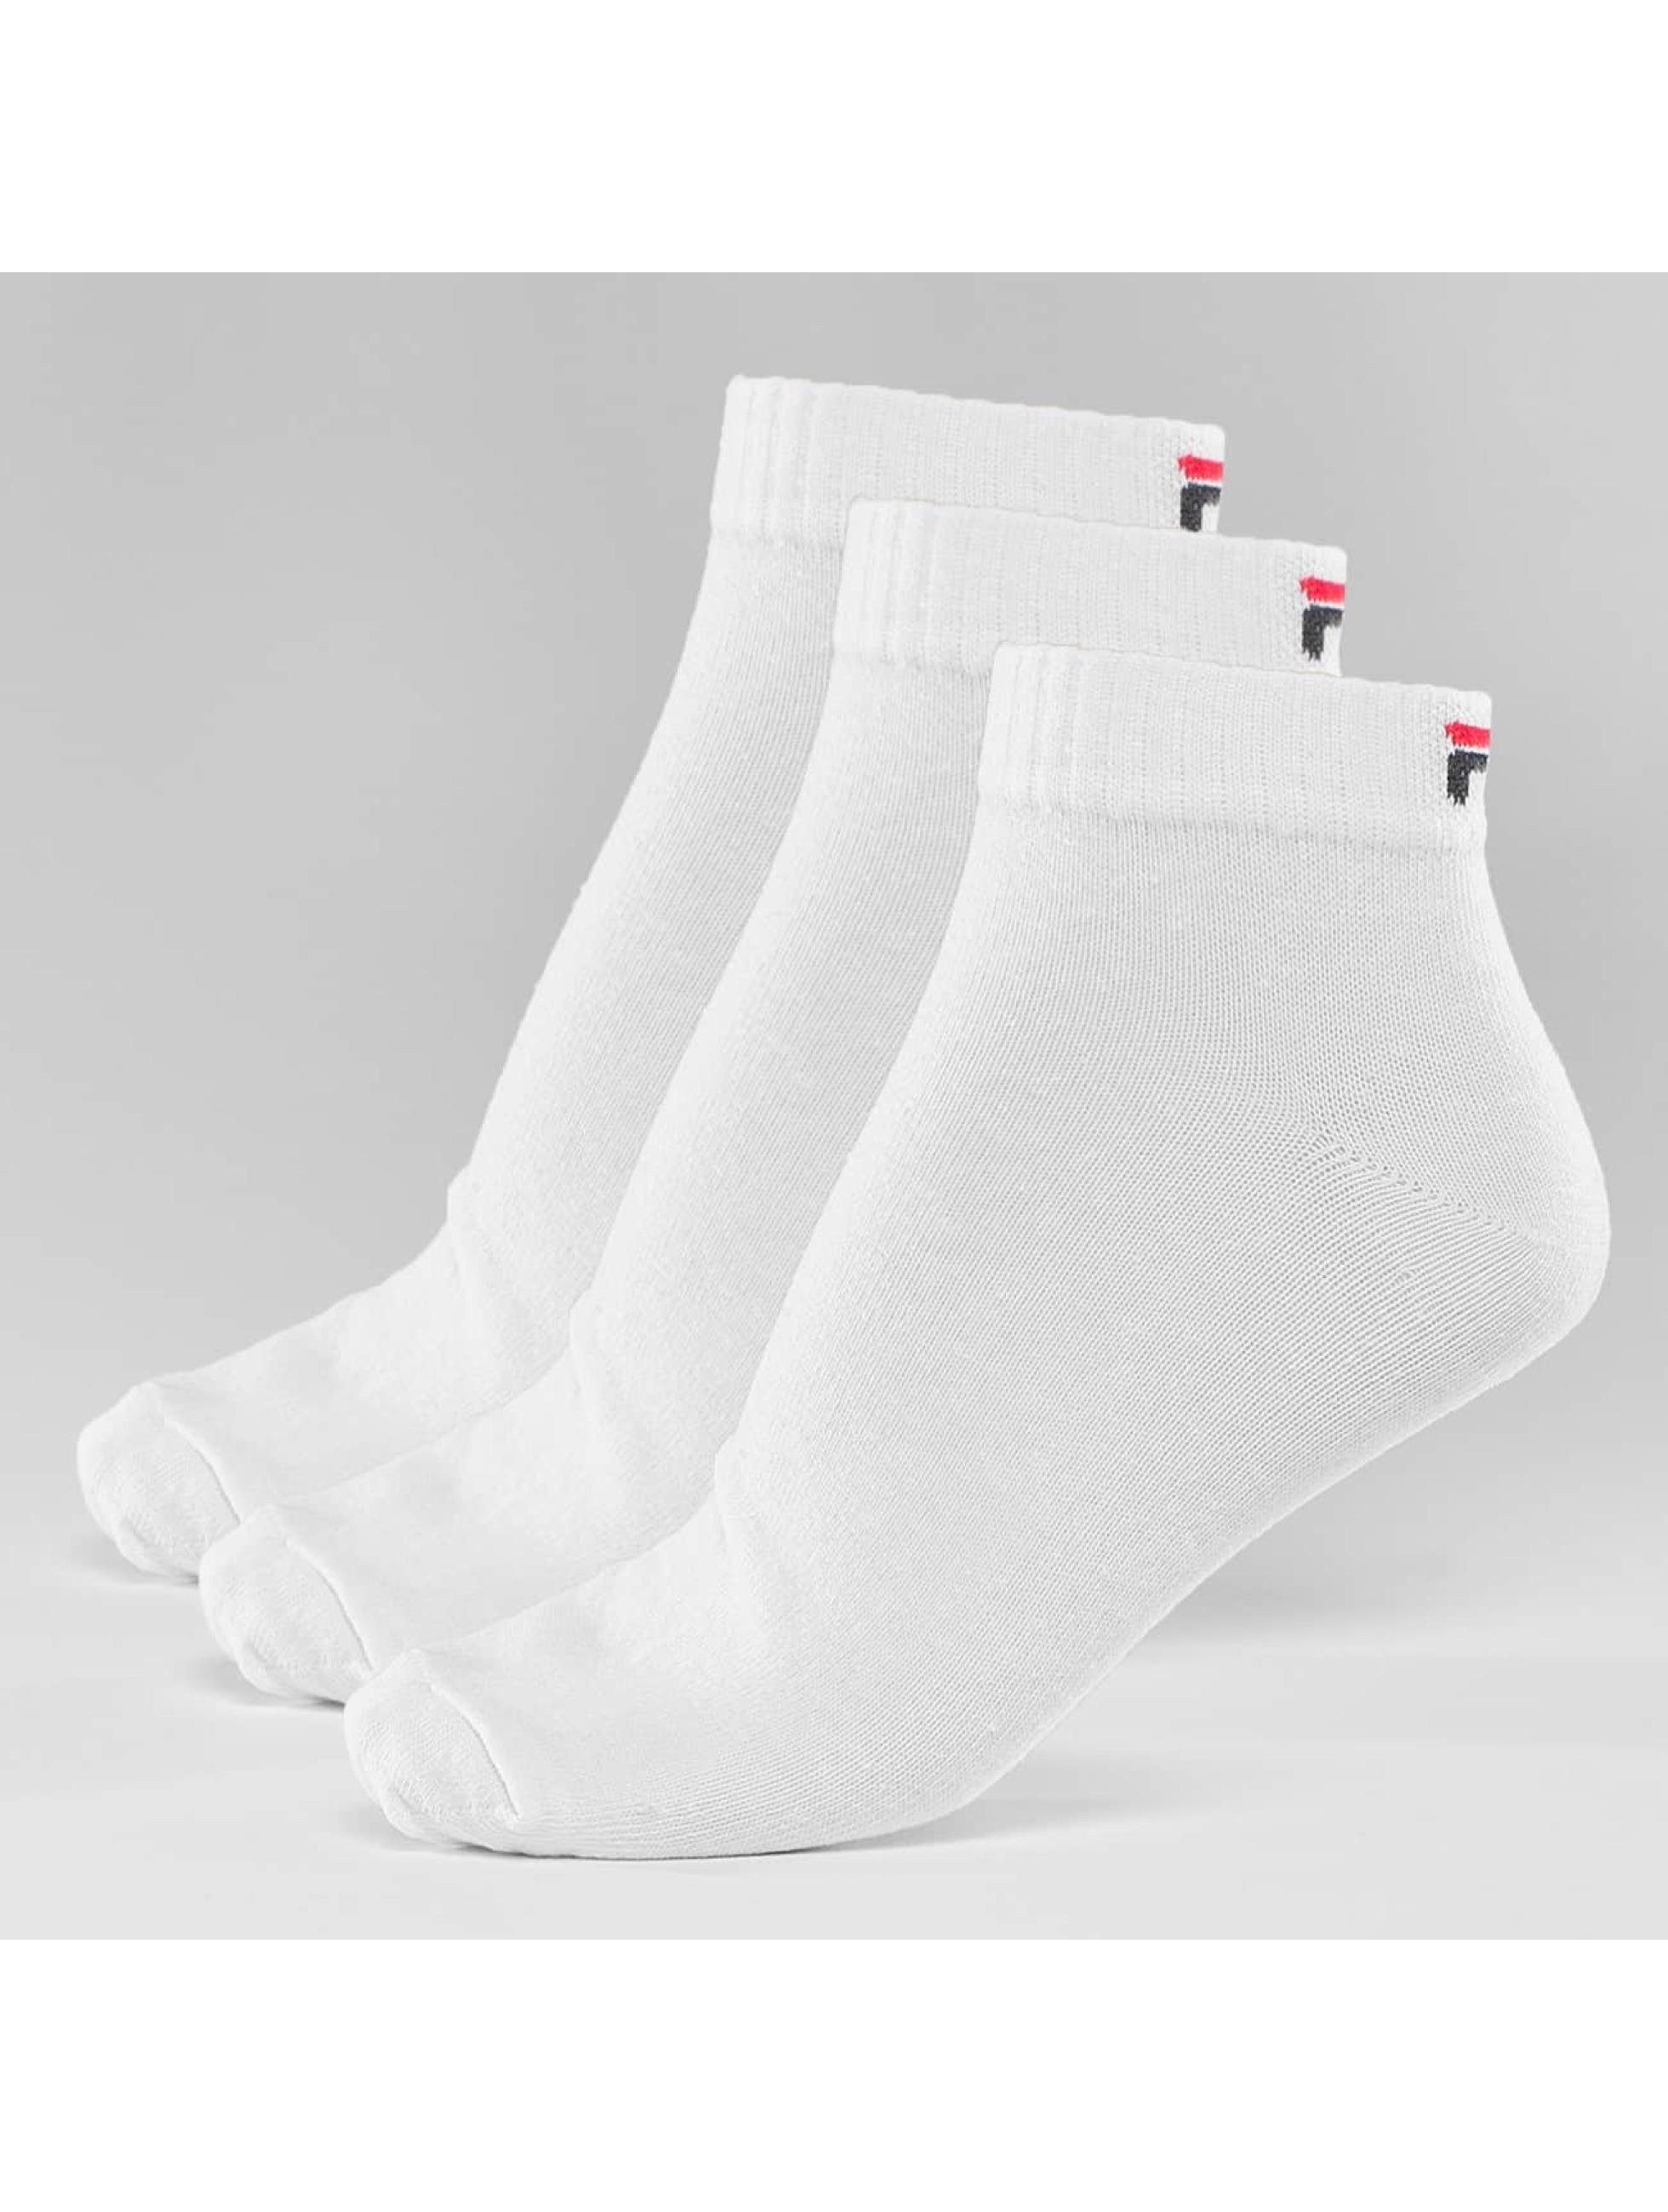 FILA Socks 3-Pack Training white